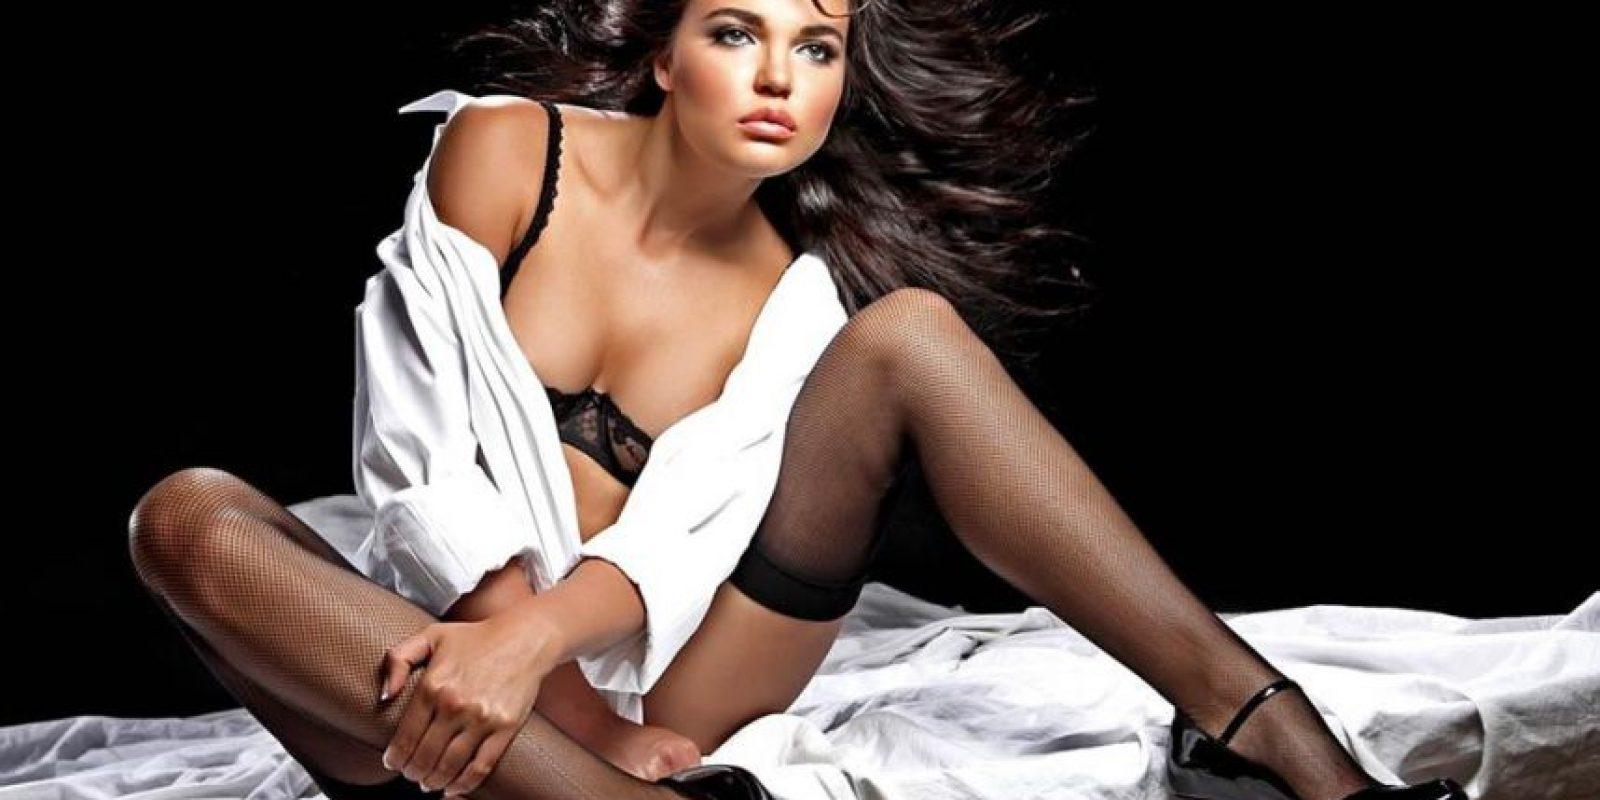 Además de su pasión por las carreras, a Inessa le encanta el modelaje. Foto:taringa.net